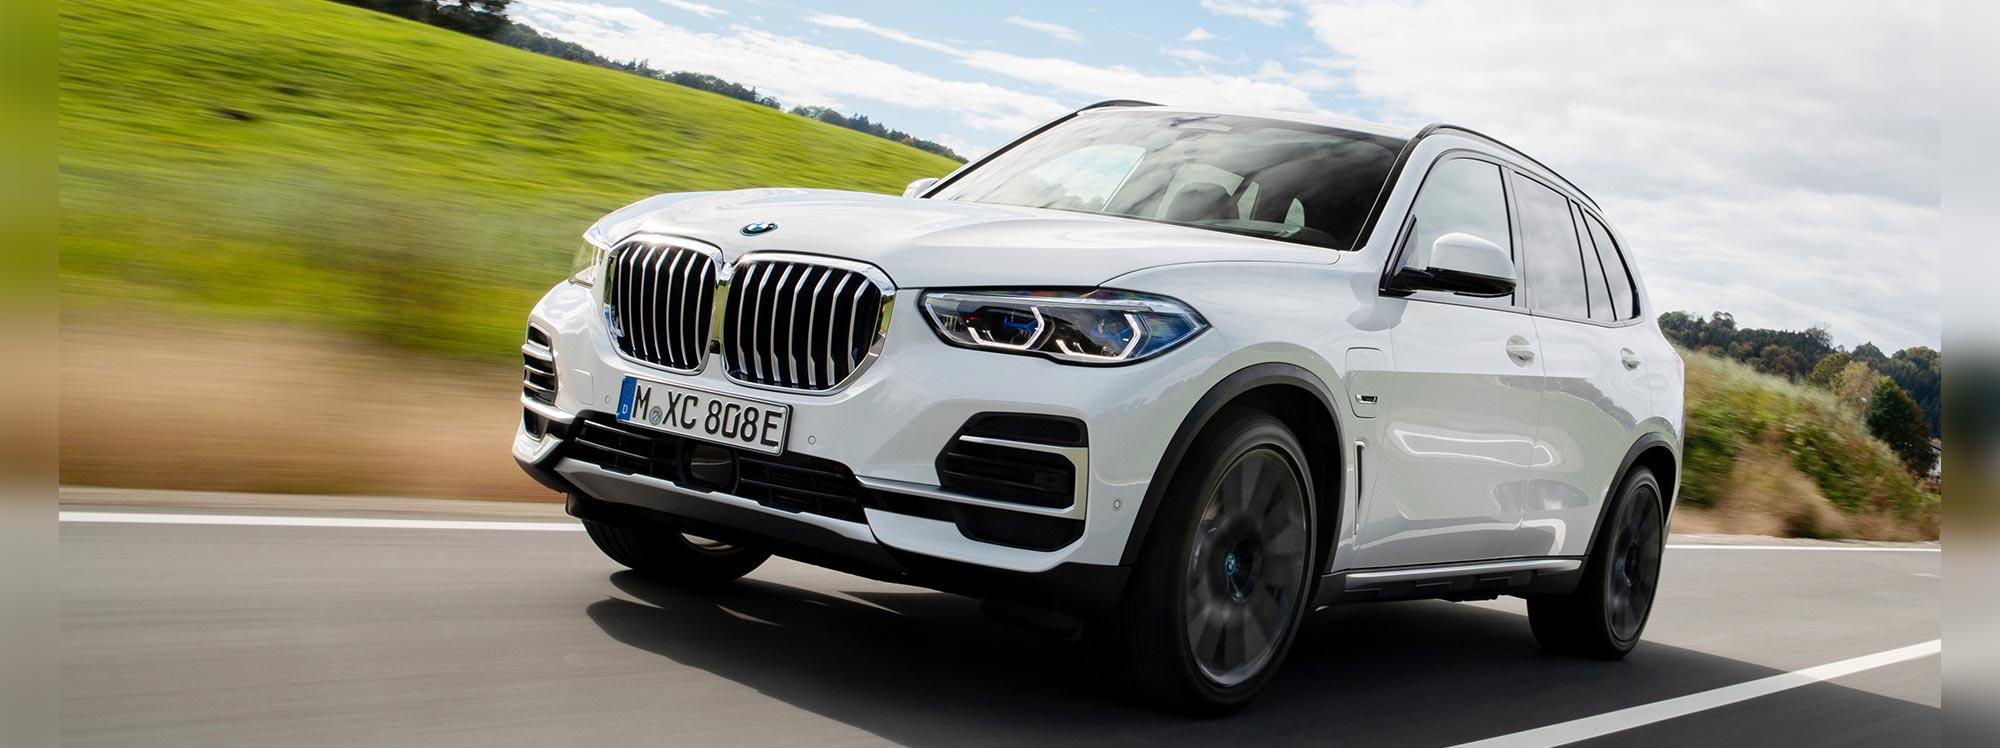 BMW X5 híbrido enchufable con llantas eco-amigables